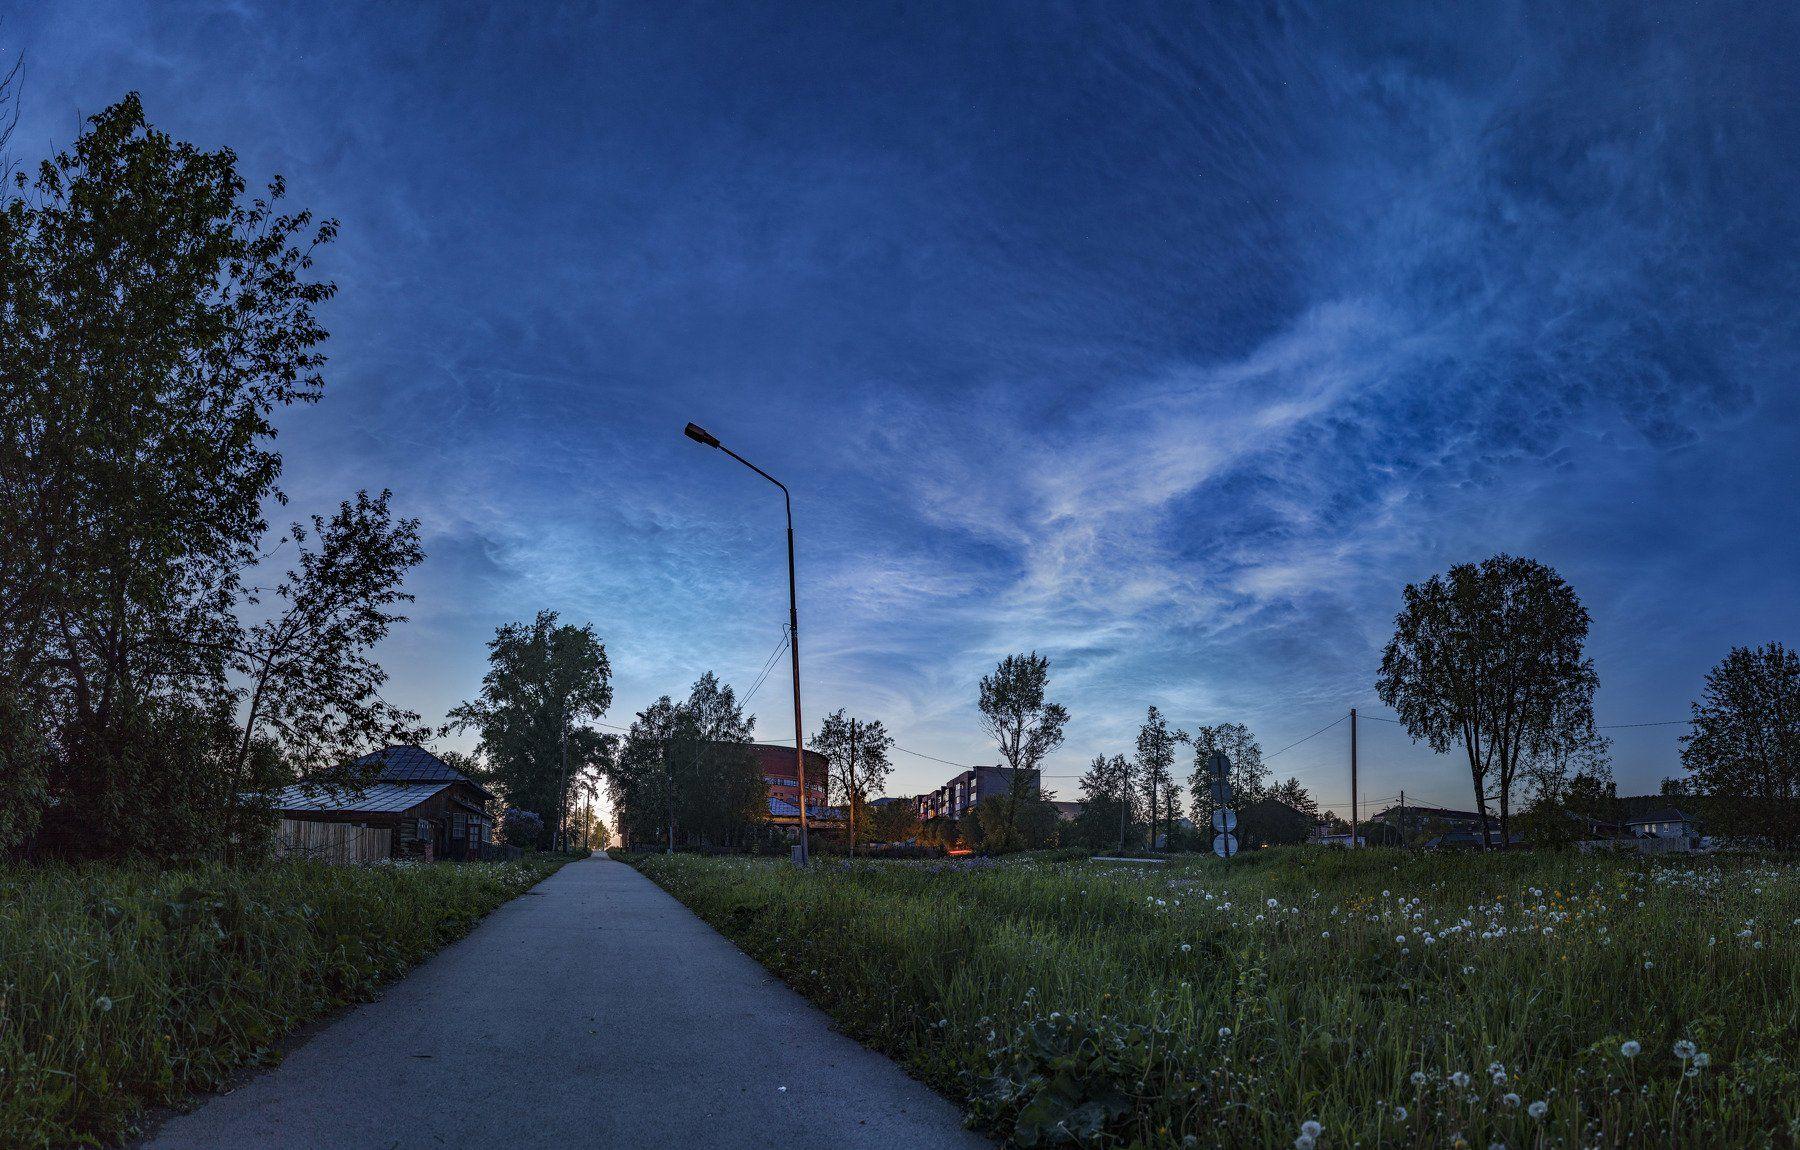 урал, пермский край, лысьва, серебристые облака, Андрей Козлов